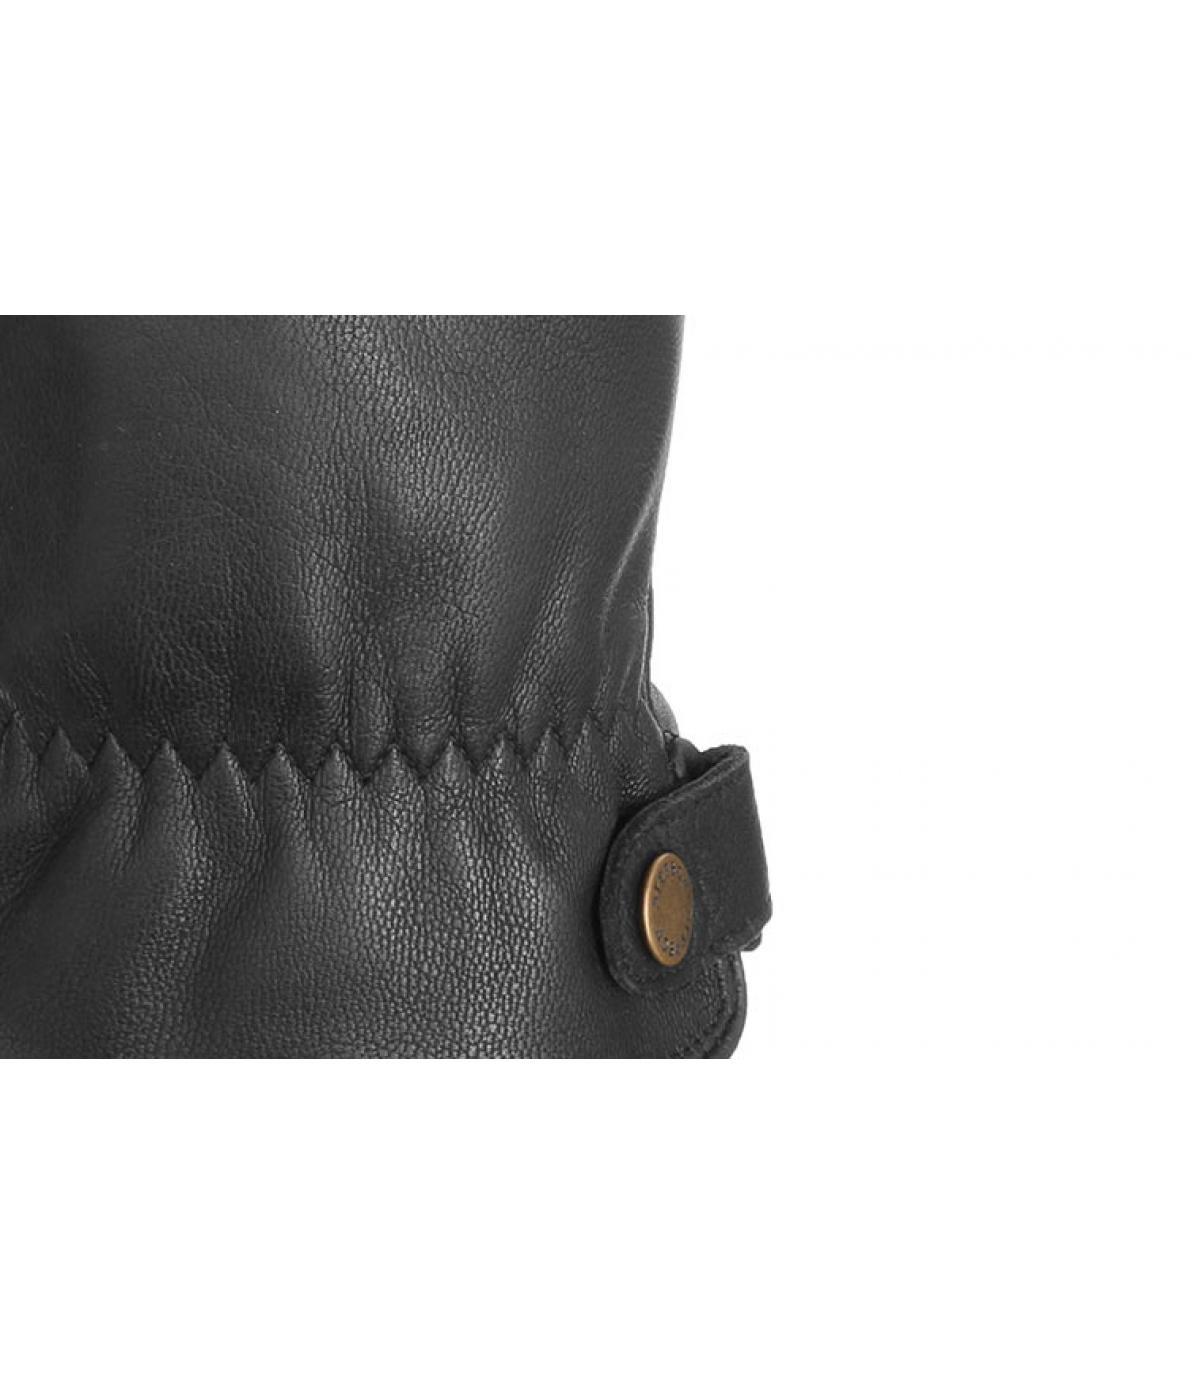 Détails Gloves Goat Nappa Conductive black - image 2